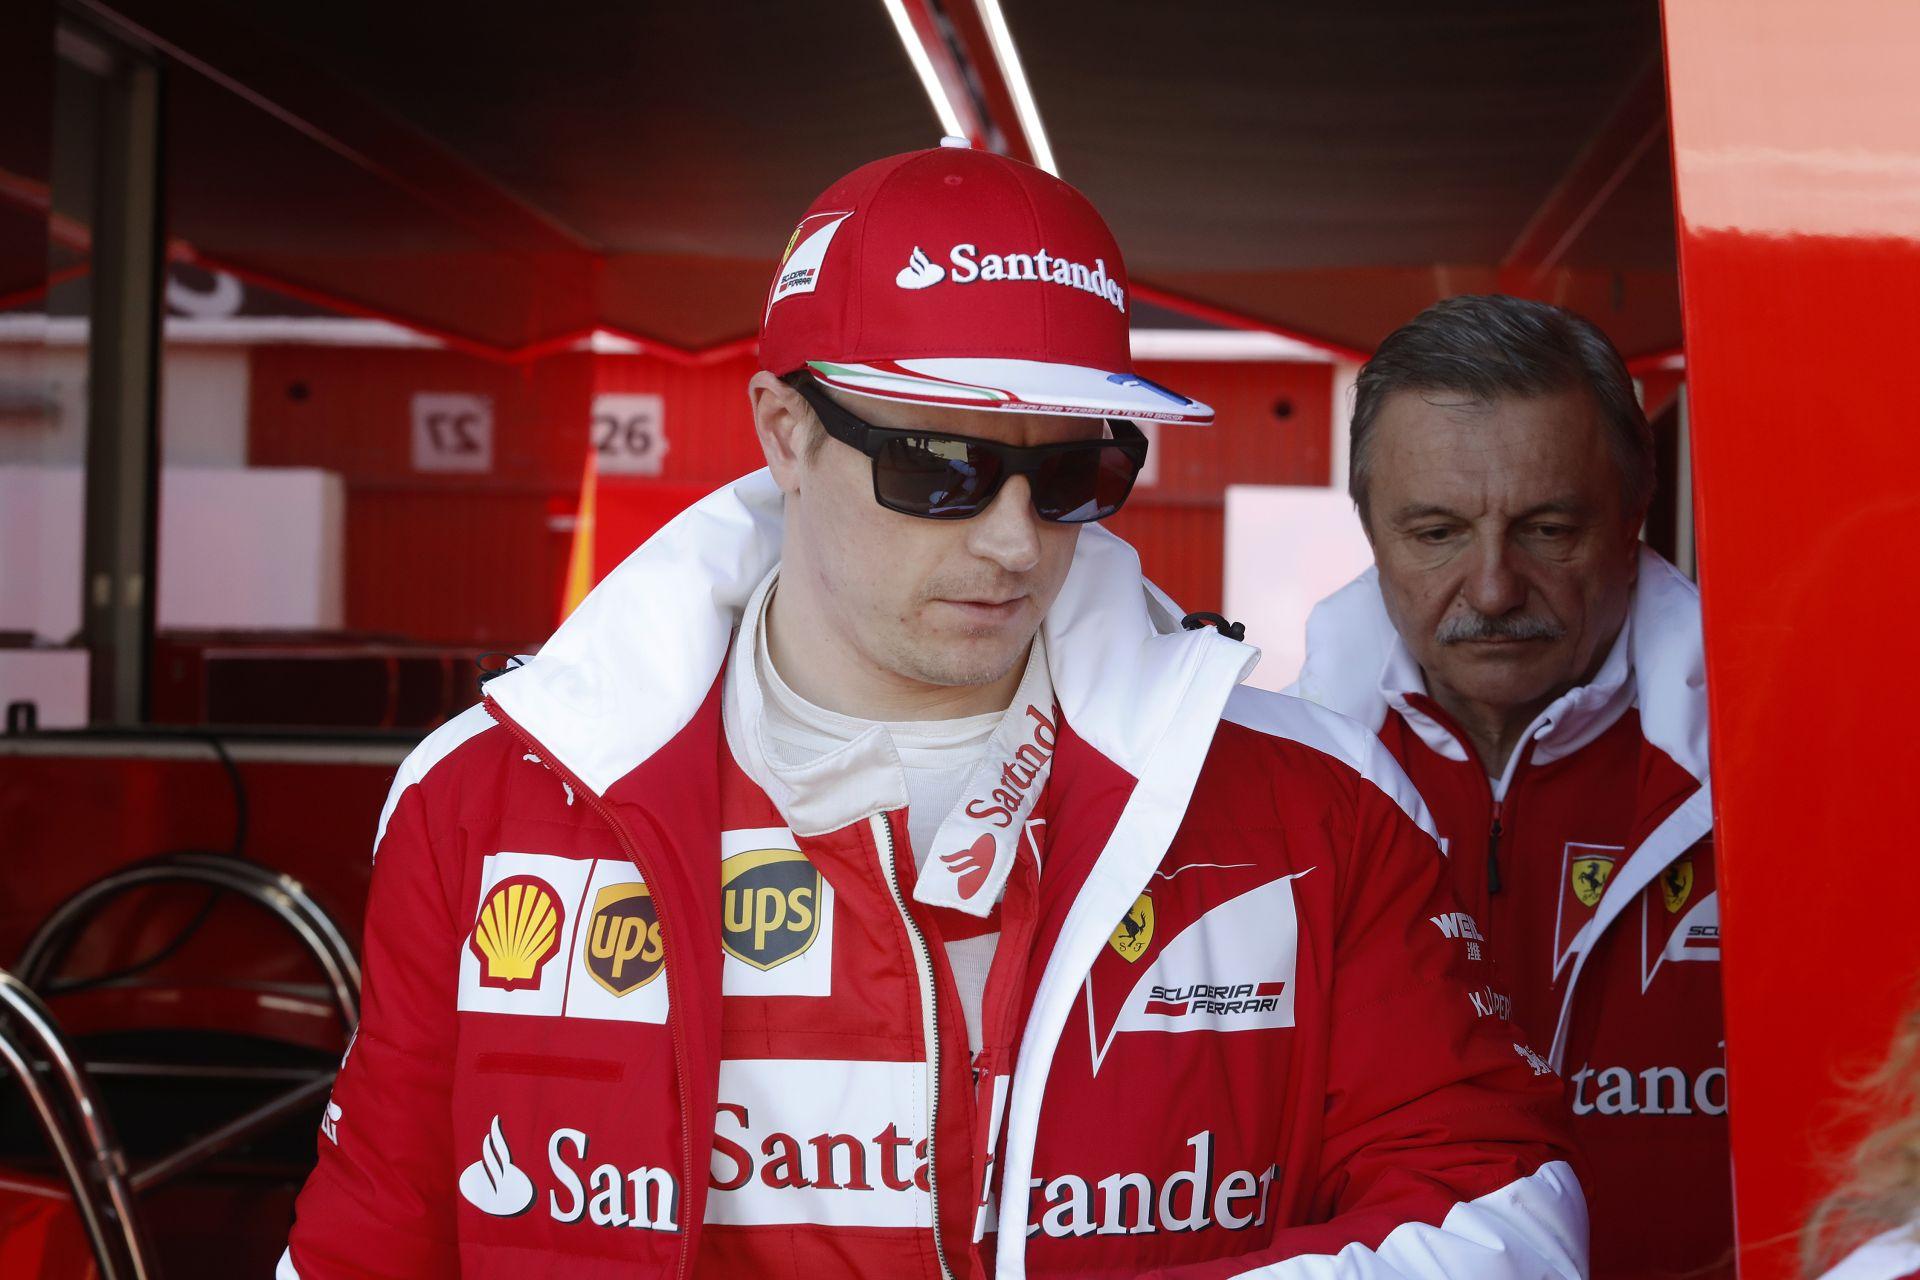 Raikkönent nem érdekli a kevés kilométer, mert gyors a Ferrari